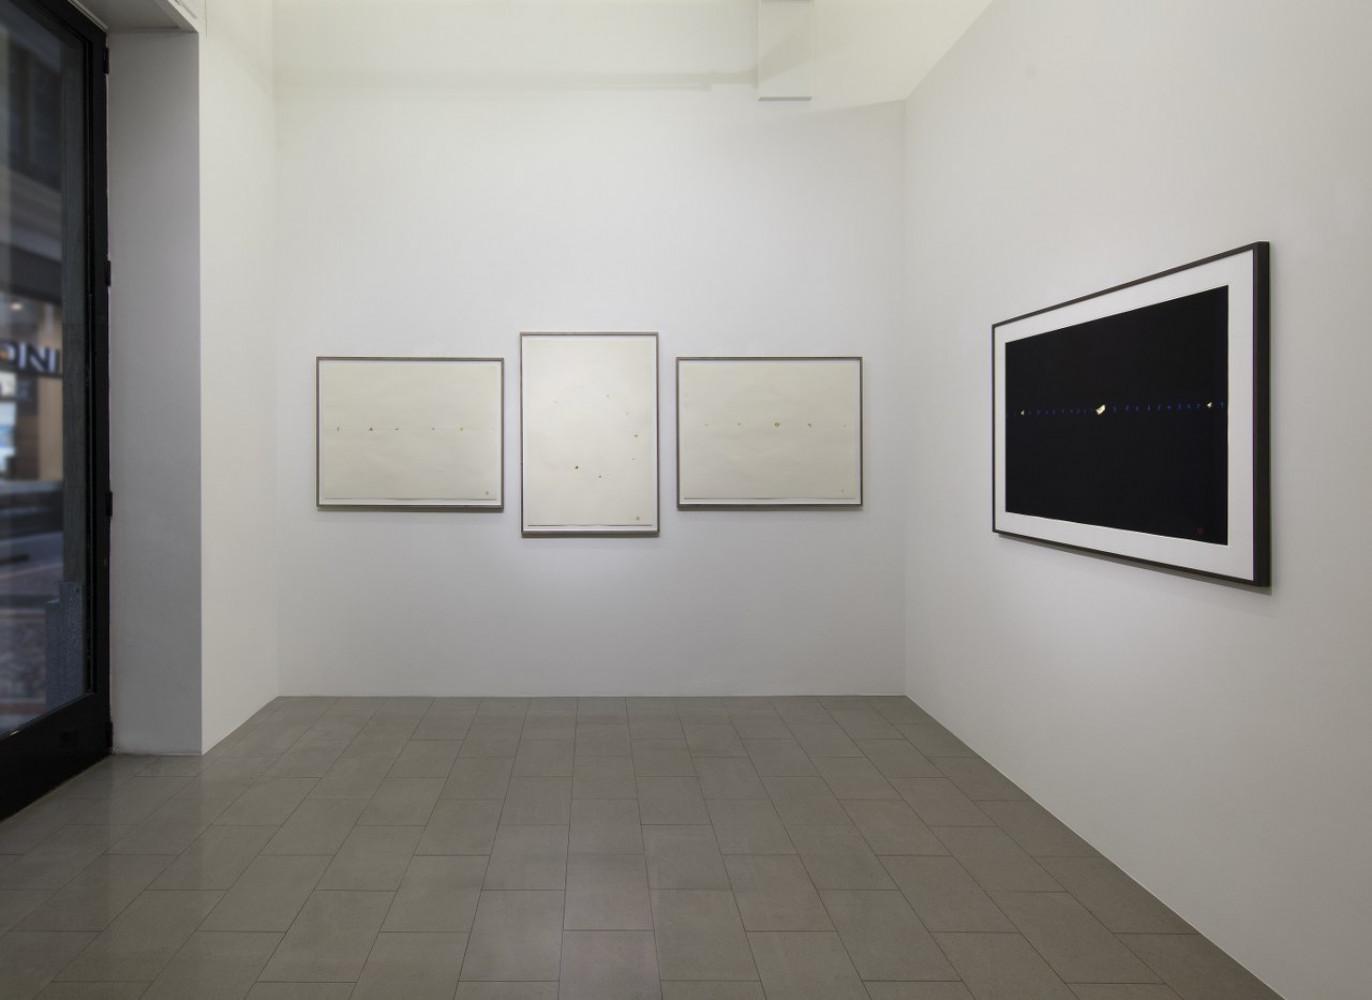 Tatsuo Miyajima, 'Opere su carta 1995-2018', Installation view, Buchmann Lugano / Via della Posta, 2019